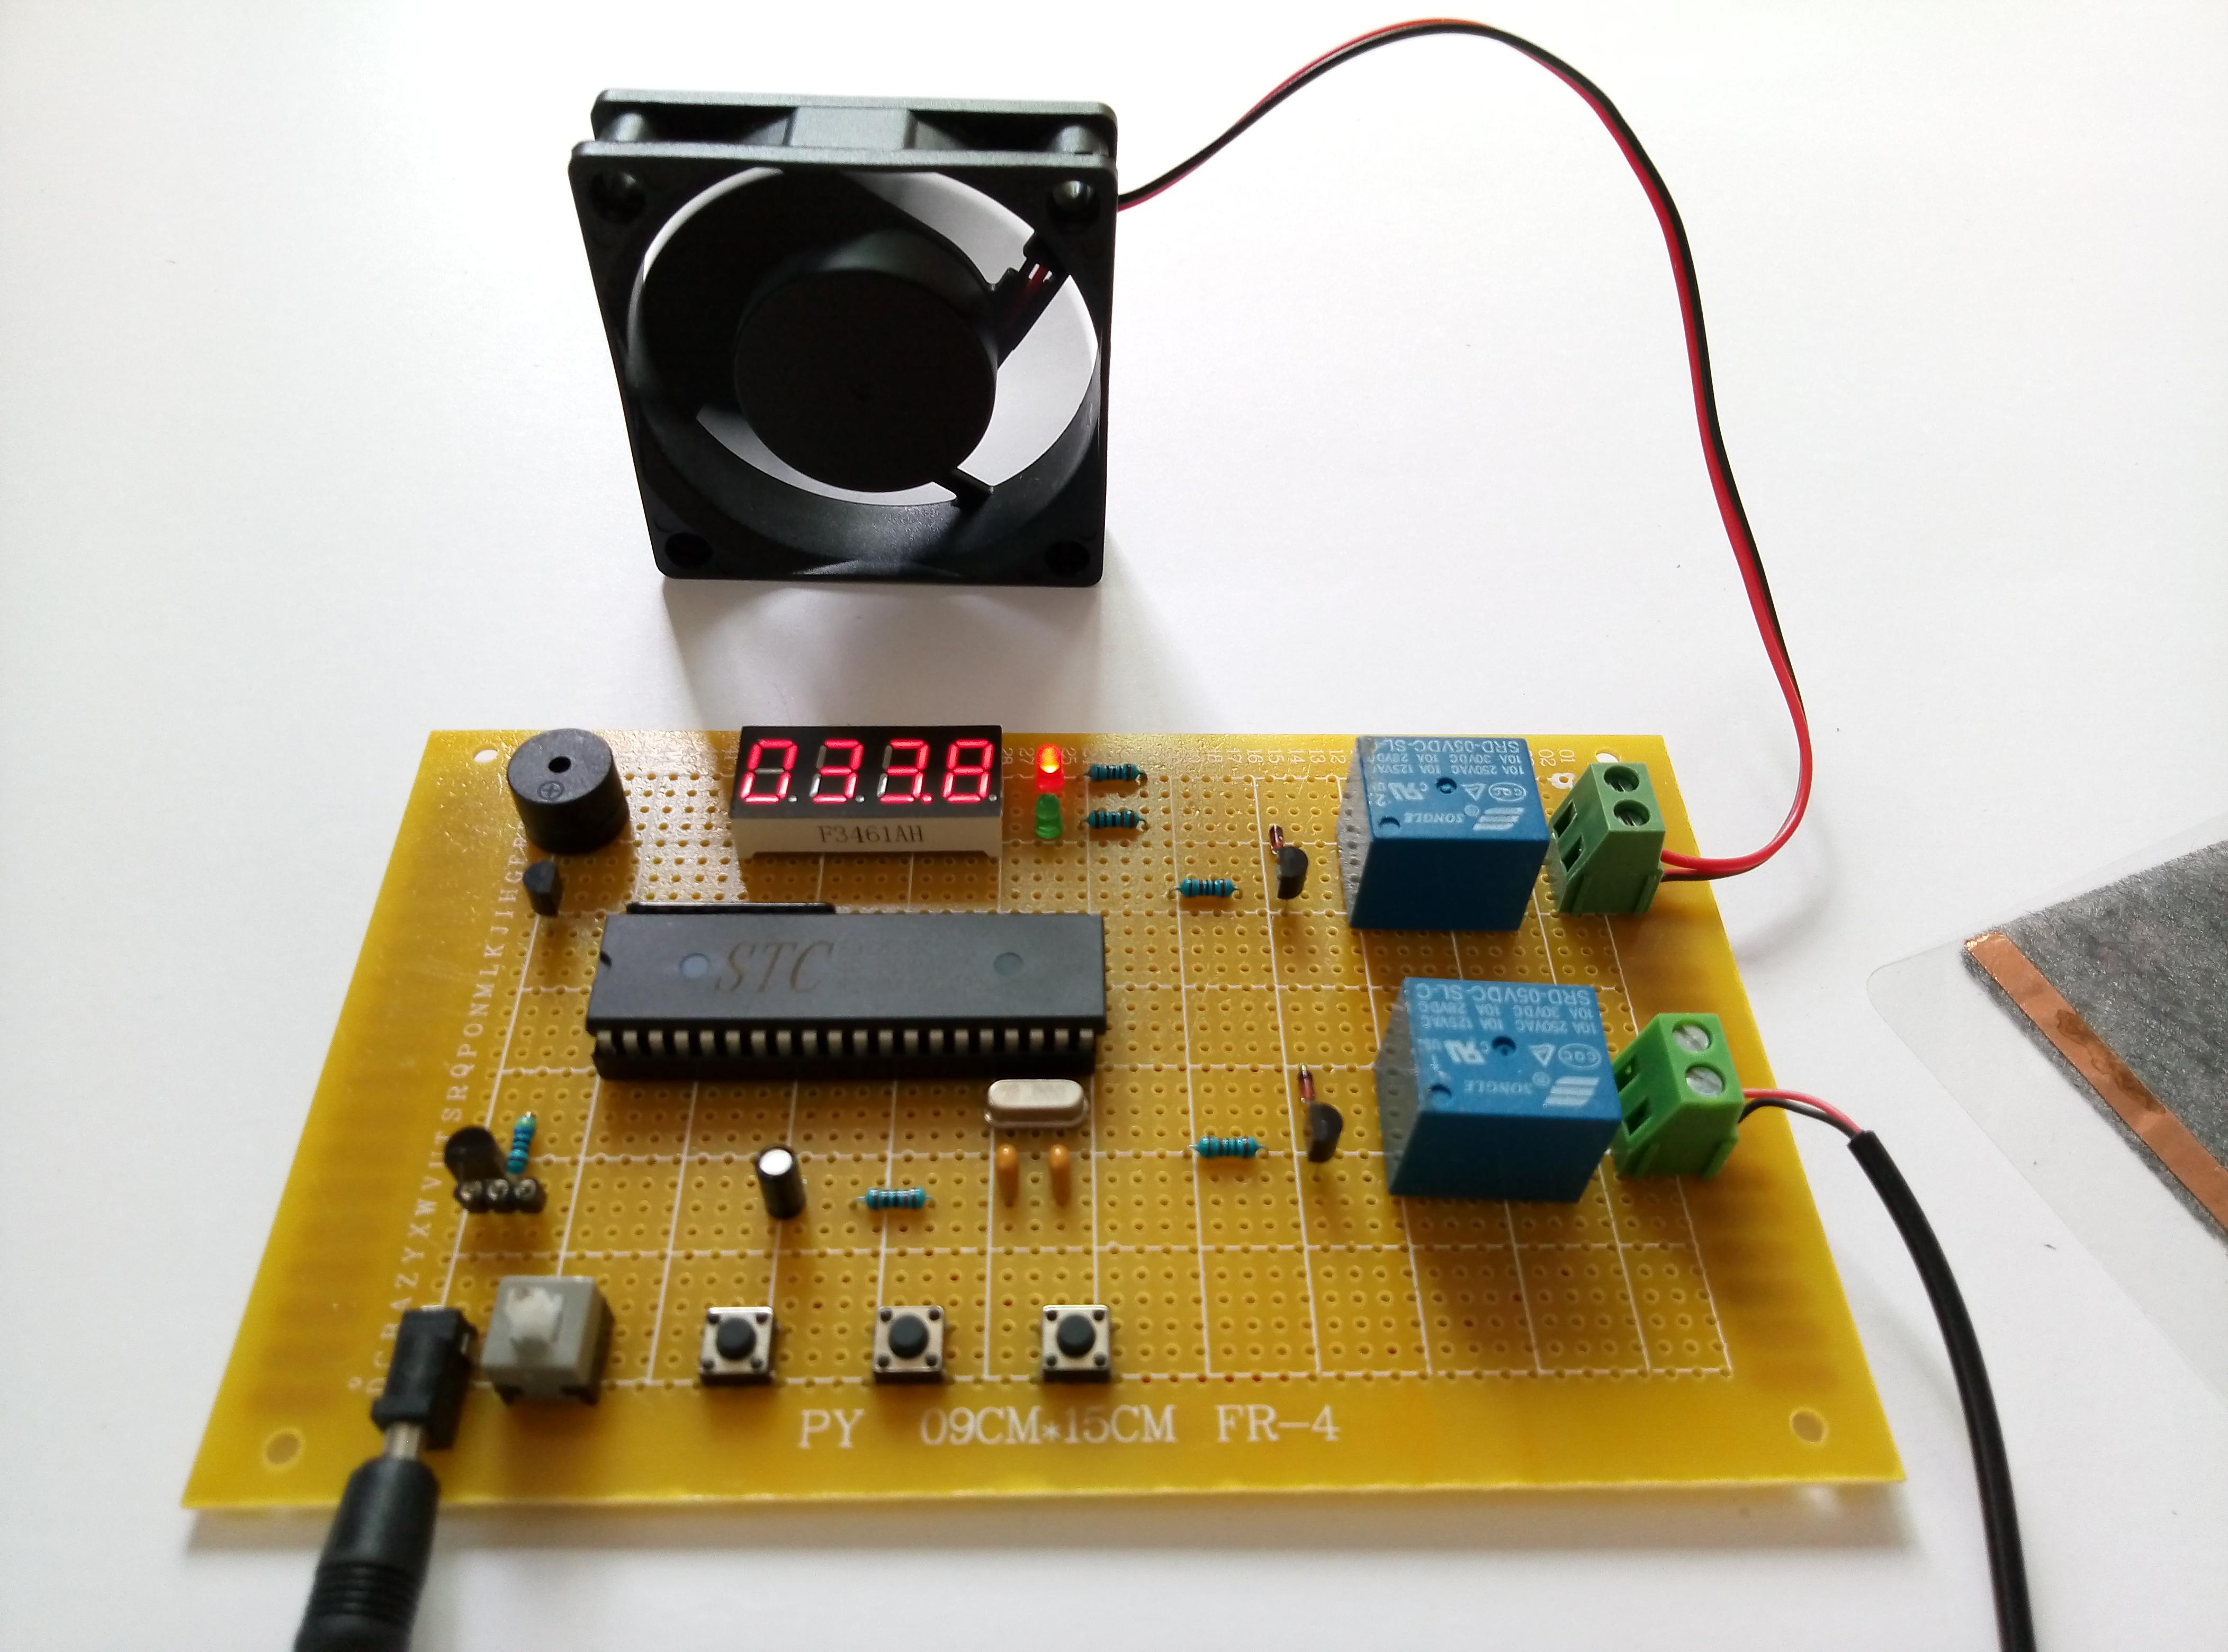 51單片機的溫度控制系統